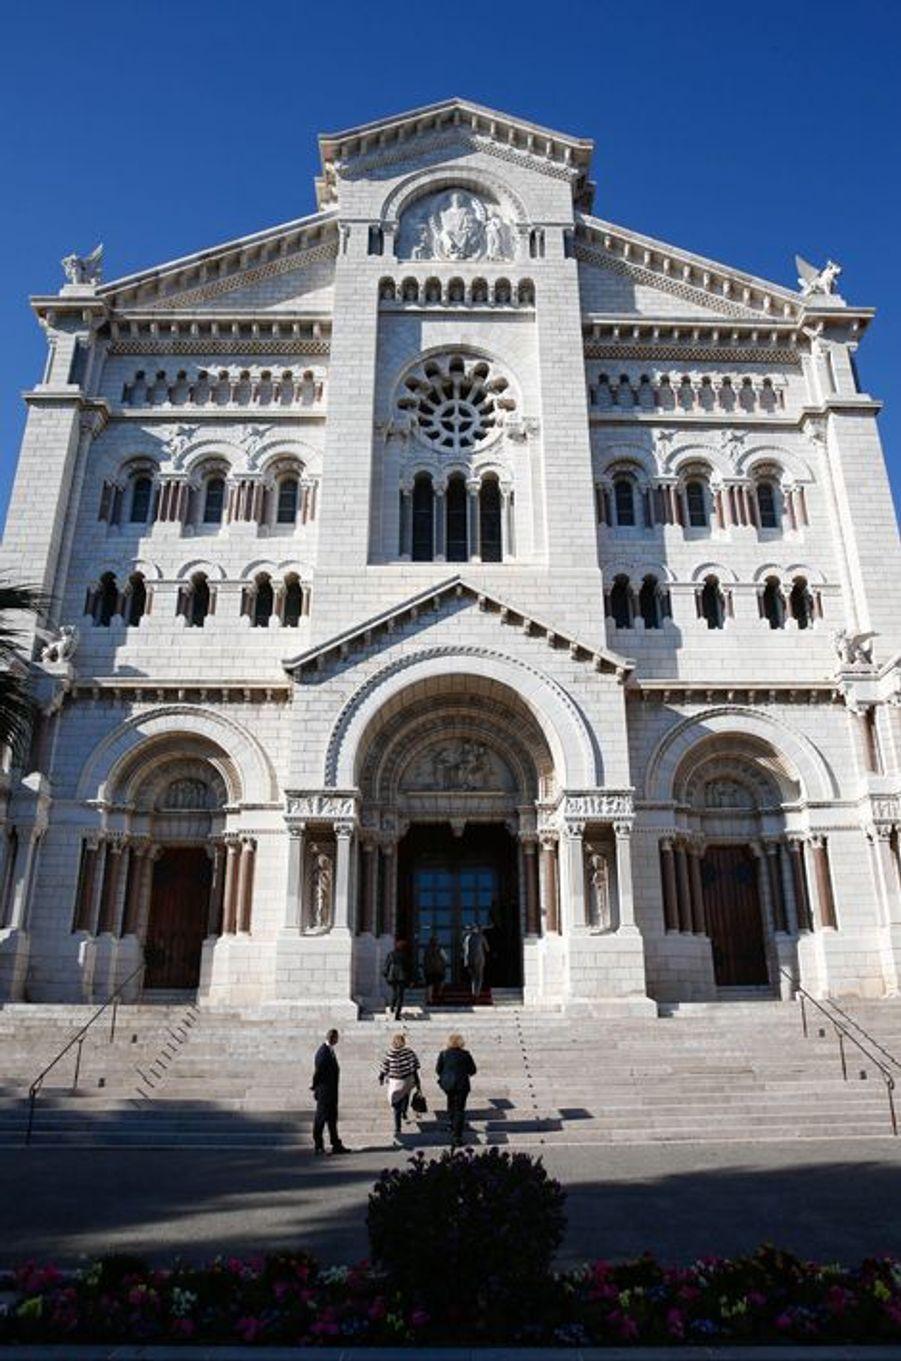 La messe en mémoire du prince Rainier III était célébrée dans la cathédrale de Monaco le 7 avril 2015